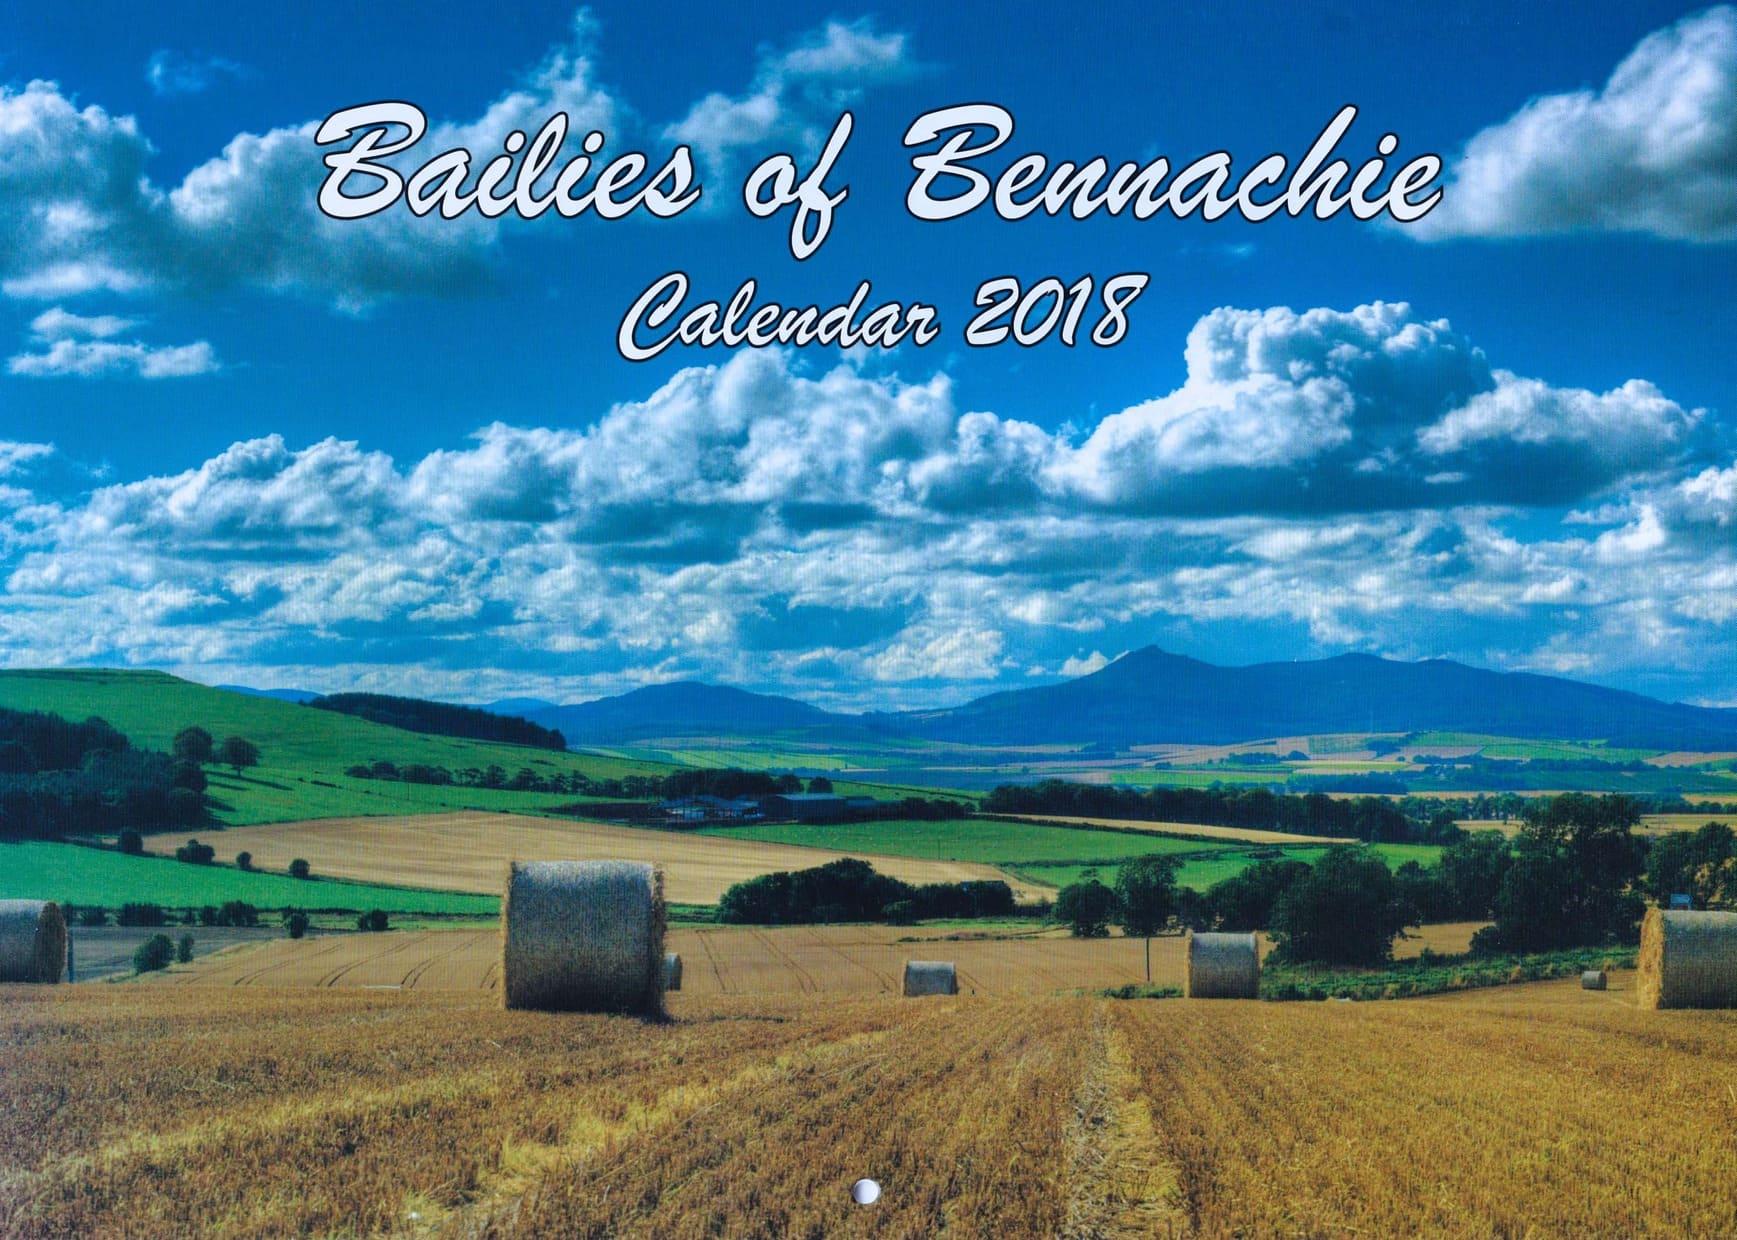 Bennachie Calendar 2018